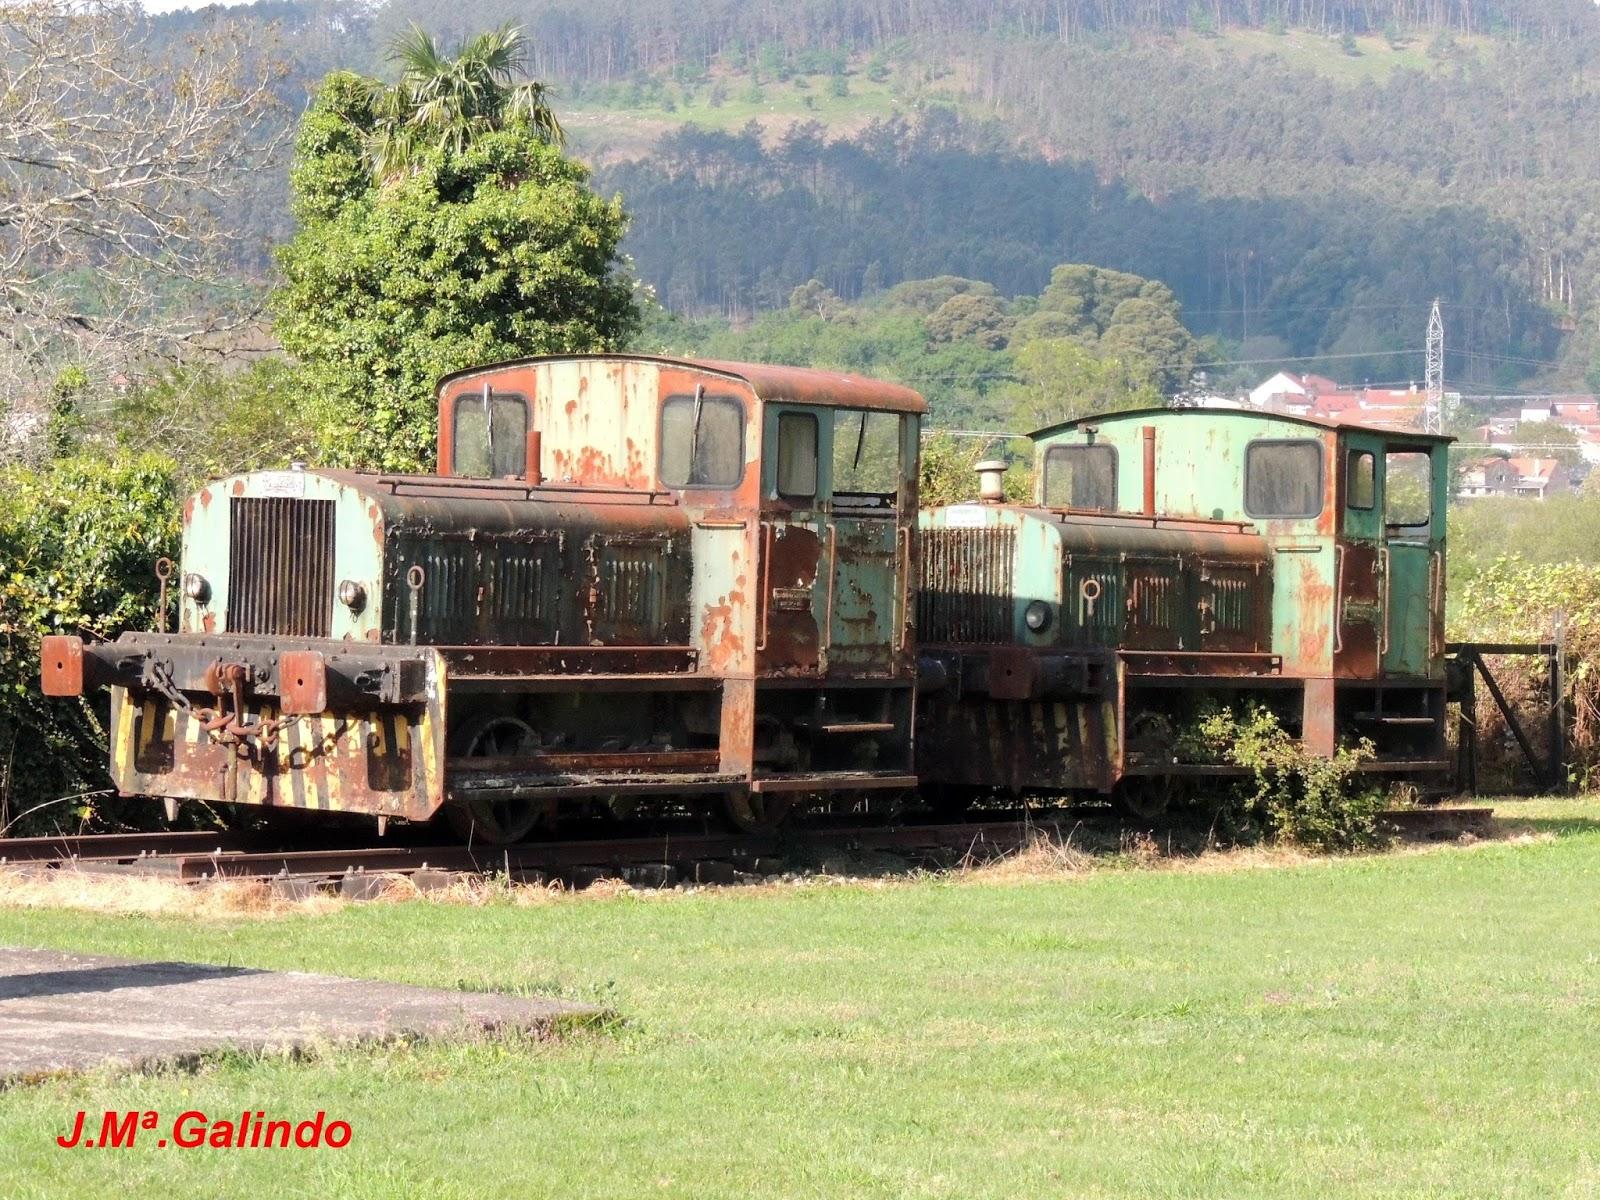 El ferrocarril de ponferrada a villablino la locomotora de vapor msp n 52 - Toldos galindo ...